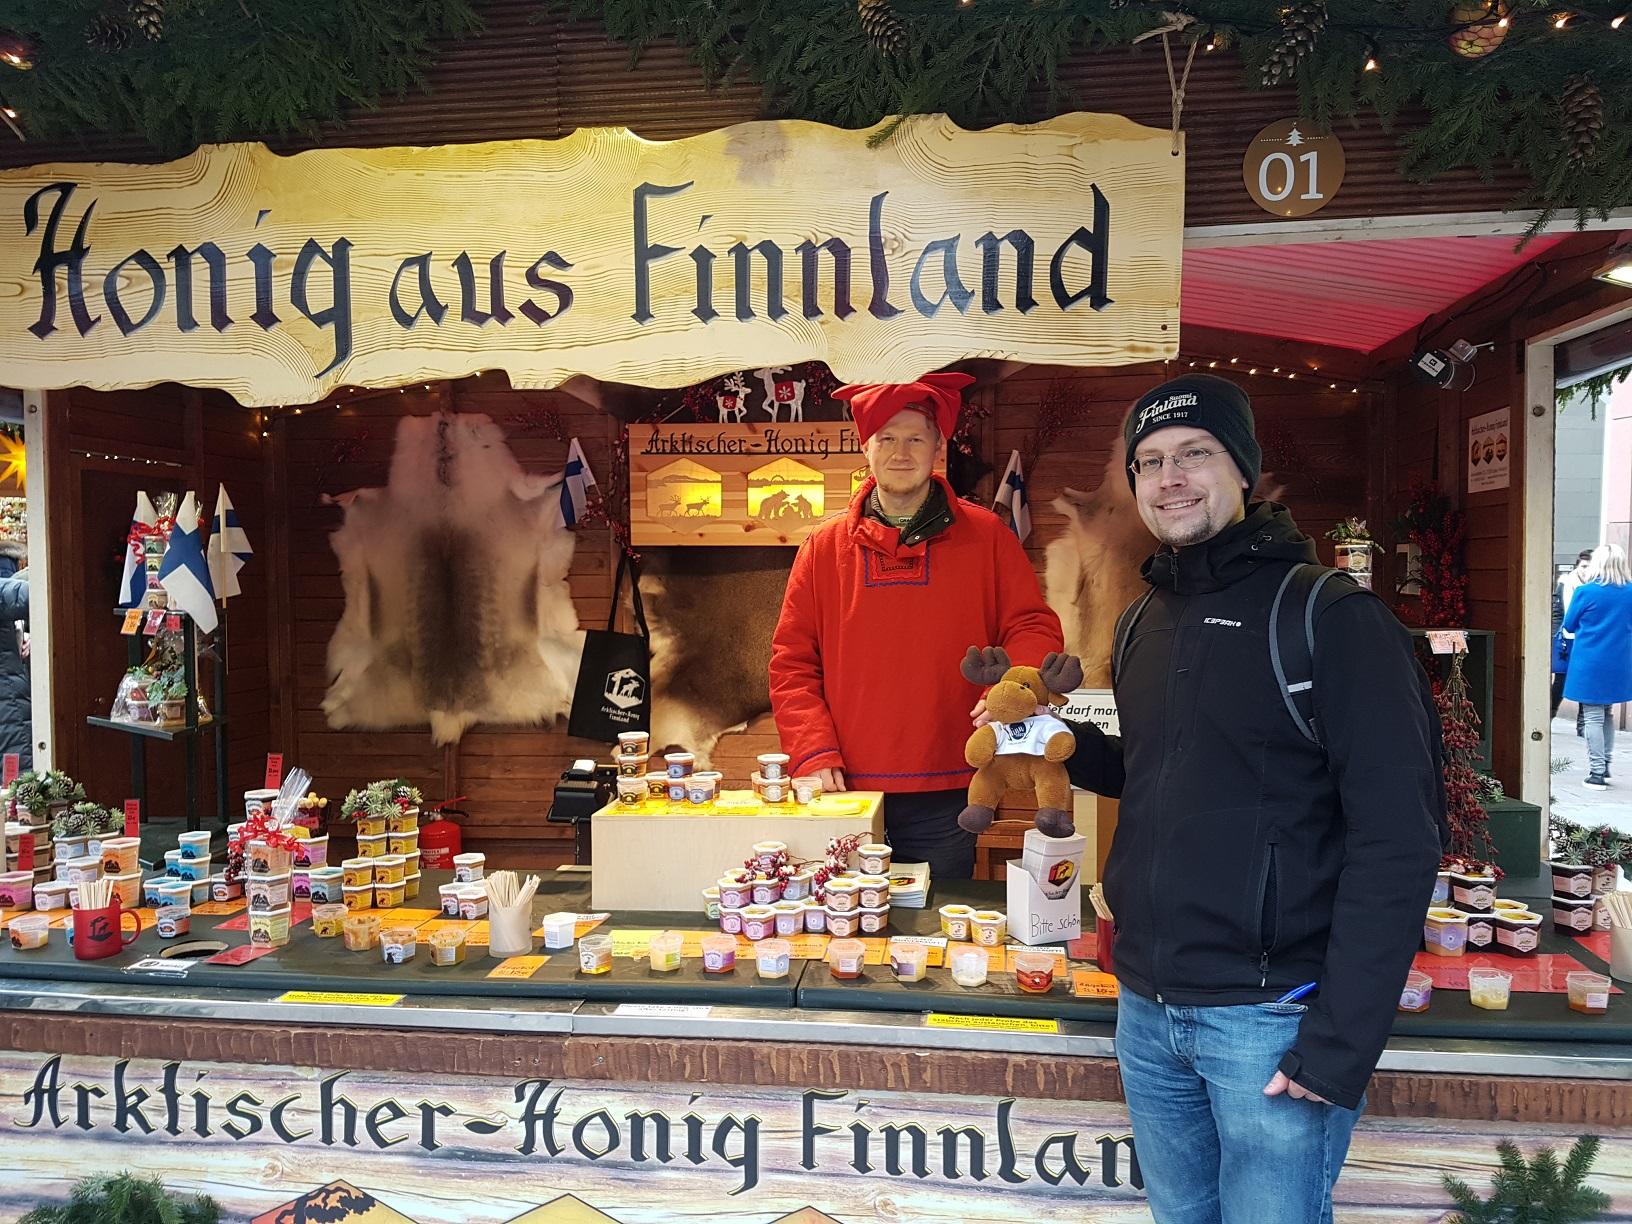 Arktischer-Honig Finnland auf dem Weihnachtsmarkt in Fulda 2018